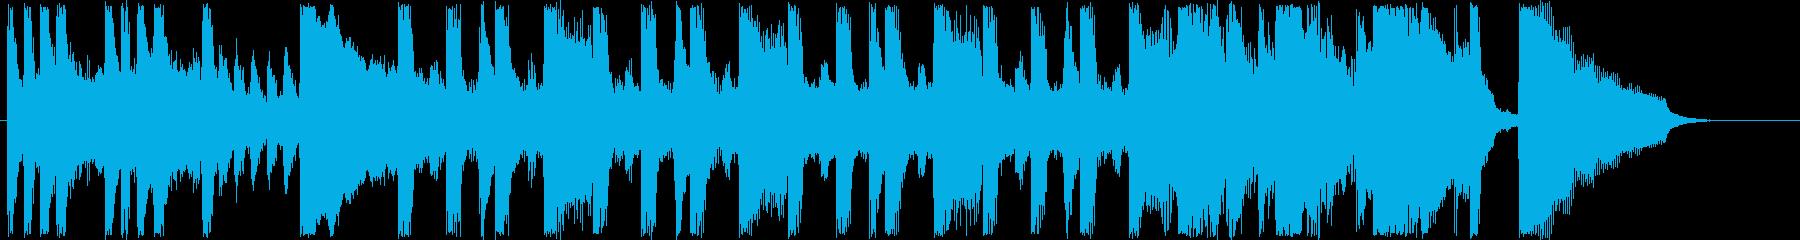 明るく楽しげなシンセなど短めジングルの再生済みの波形